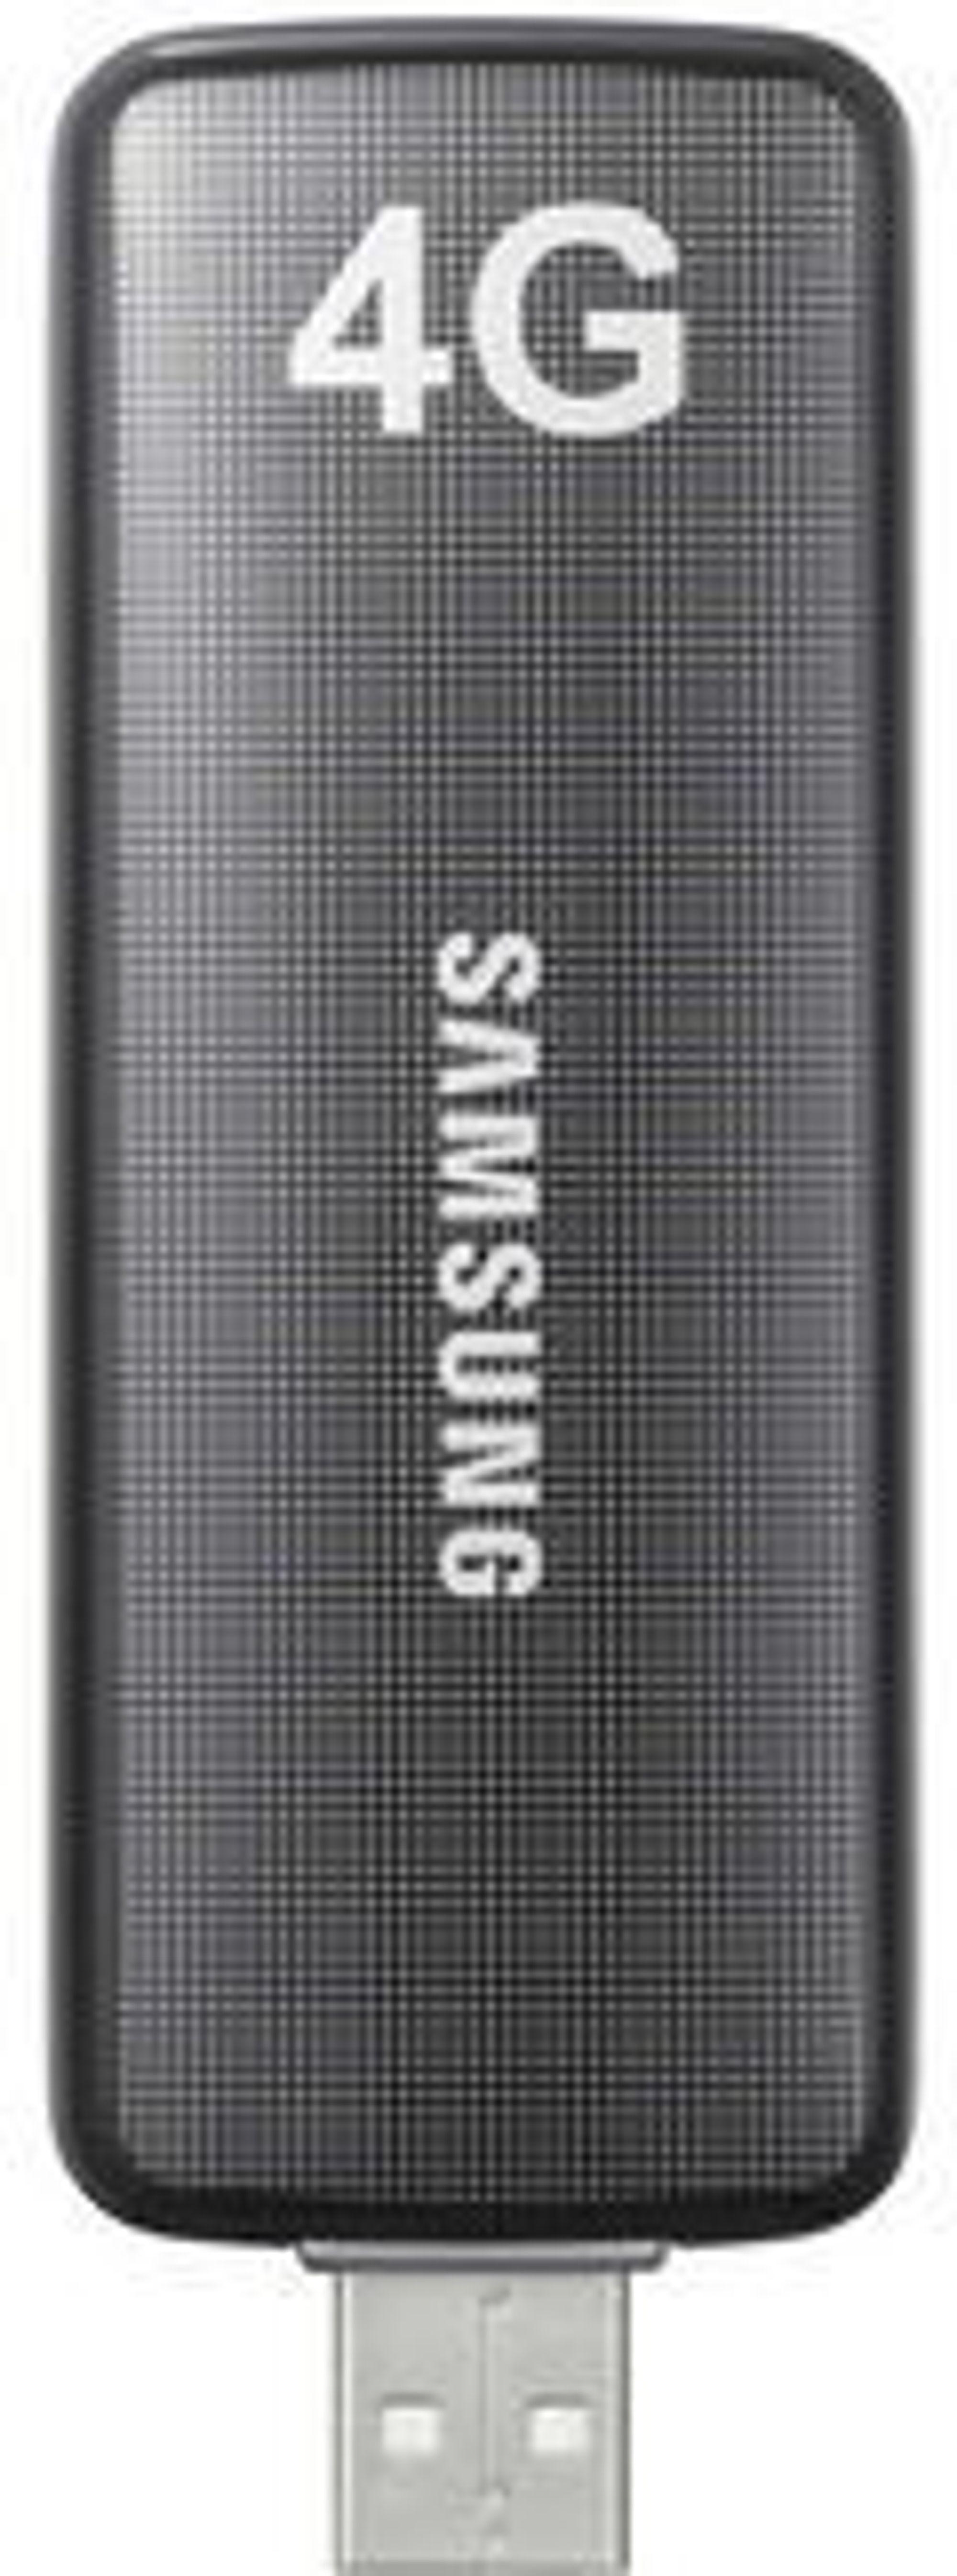 4G går igjen som begrep i Netcoms markedsføring, i likhet med USB-modemet fra leverandøren Samsung.